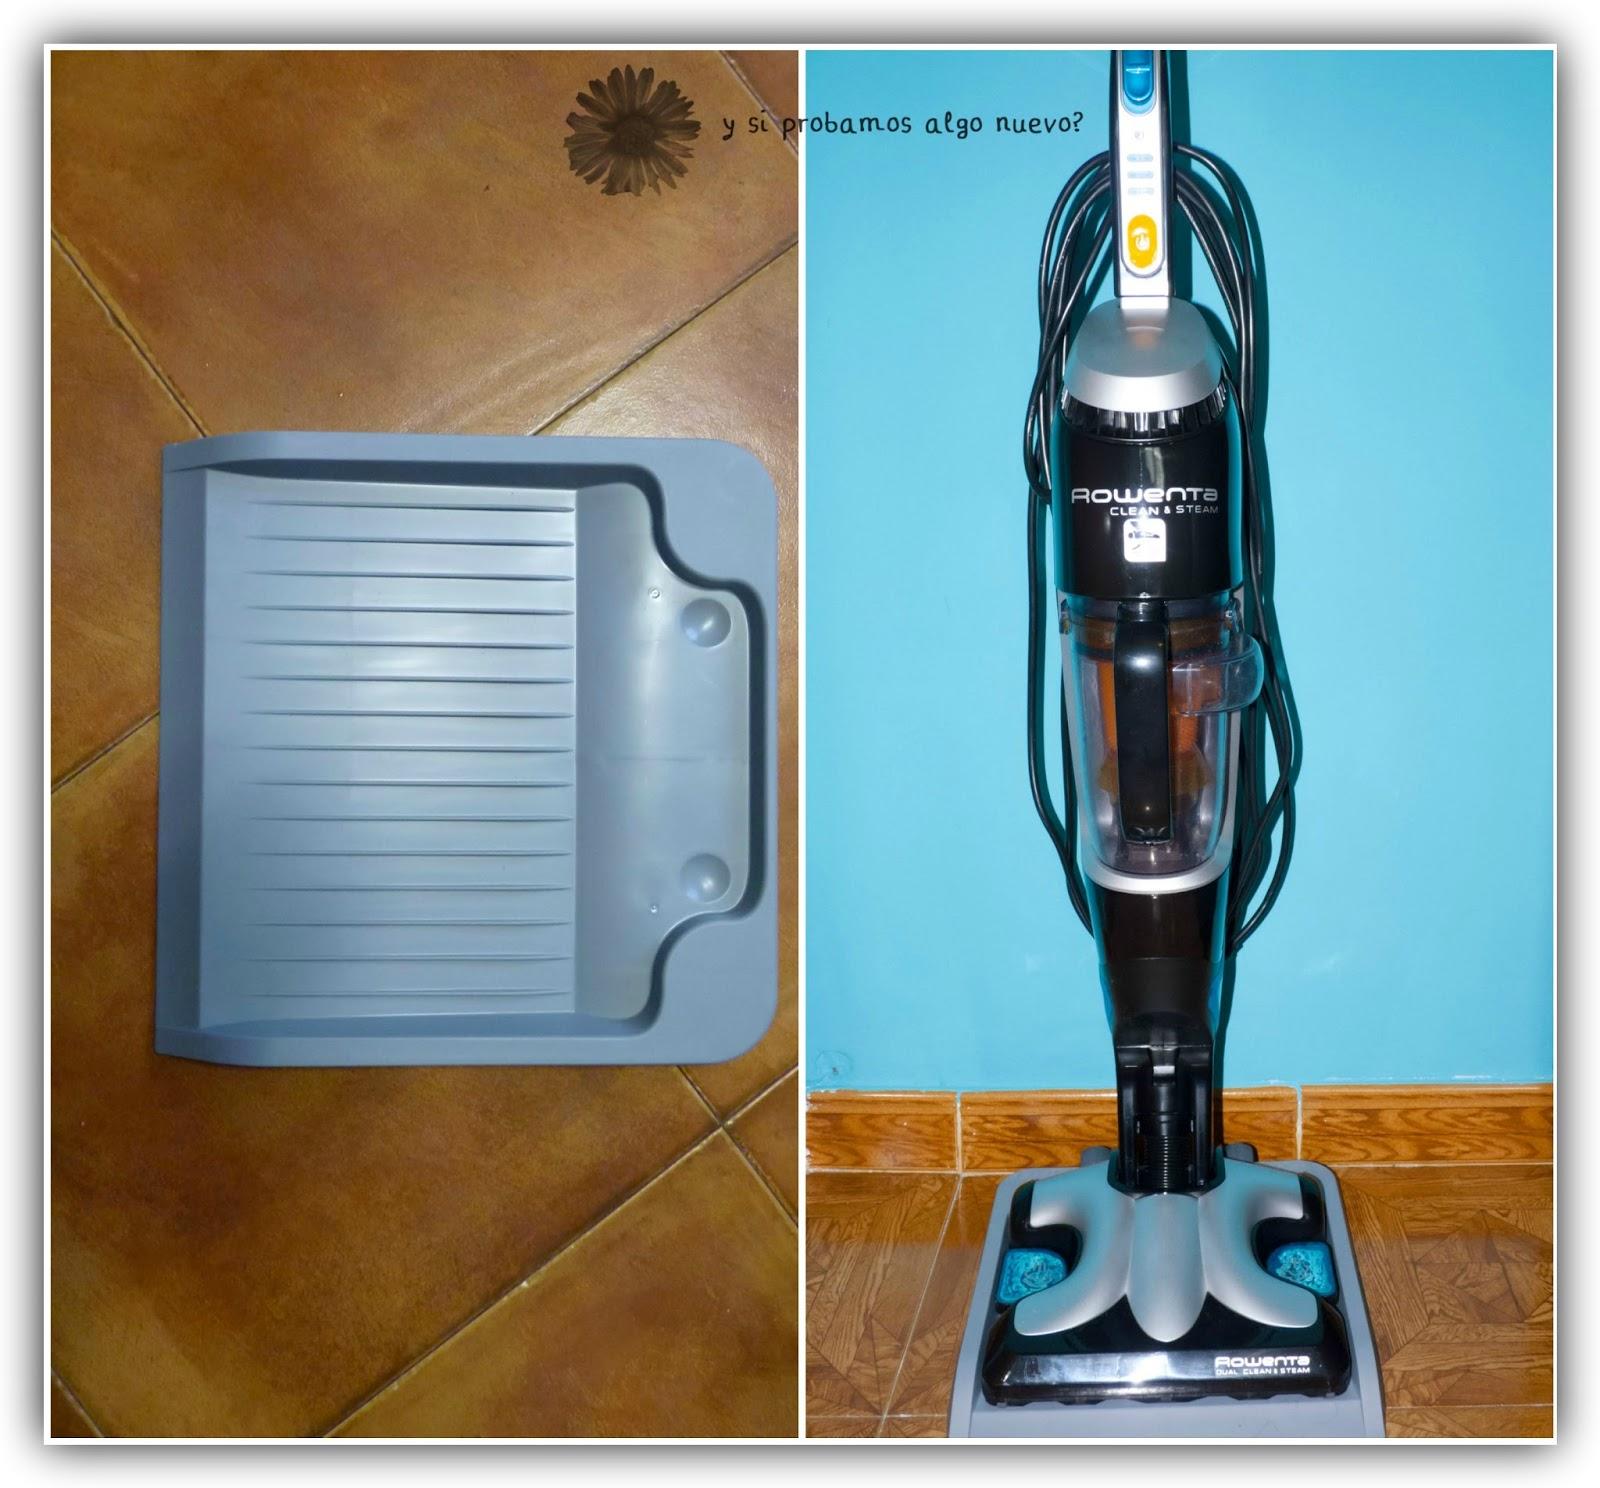 Escoba Mopa Clean & Steam De Rowenta Con Testamus